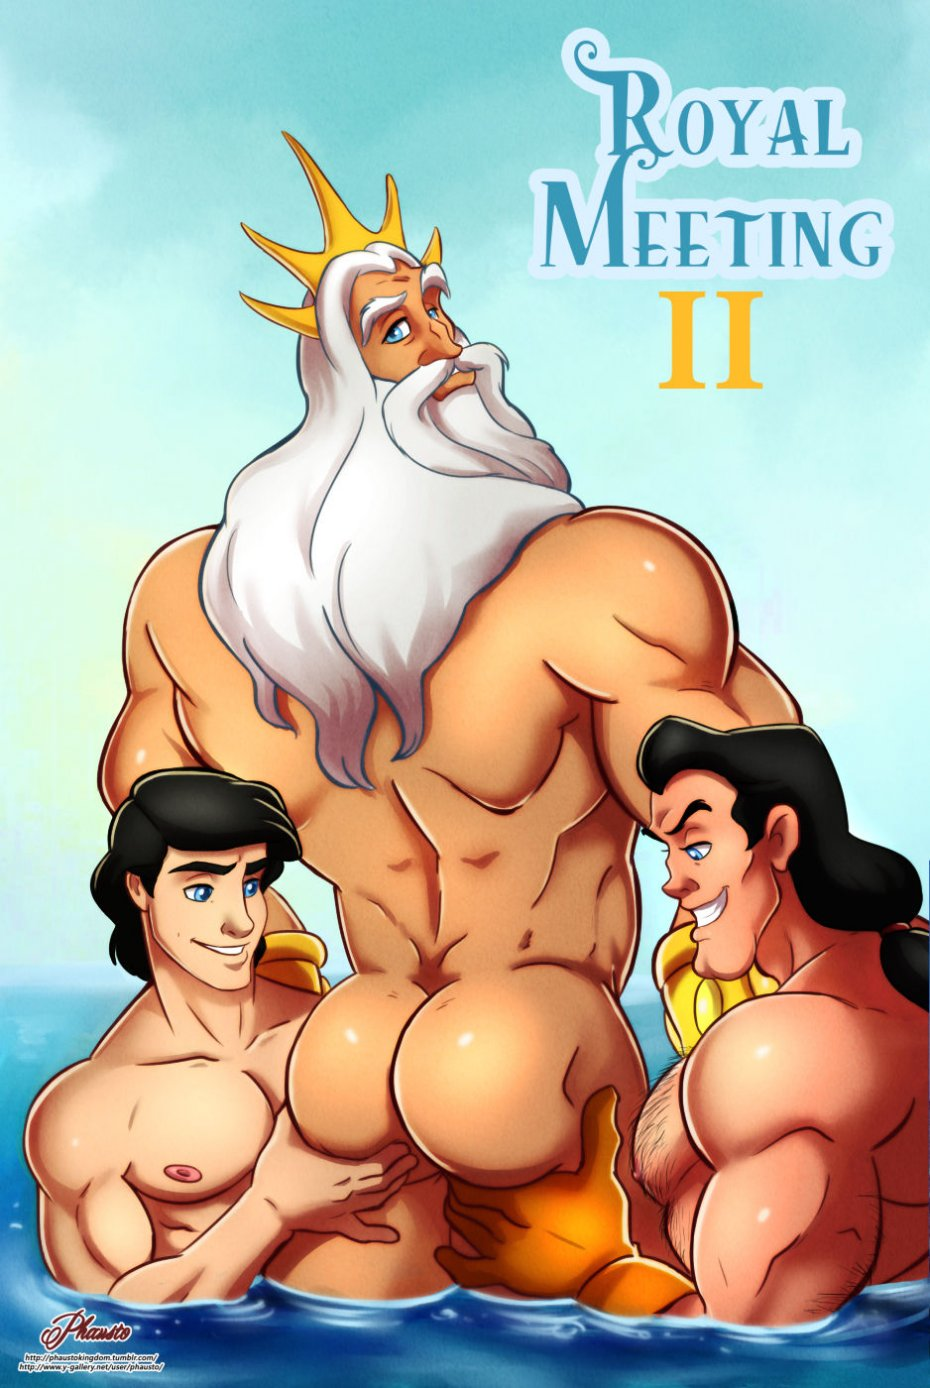 Caras da Disney em porno hentai gay